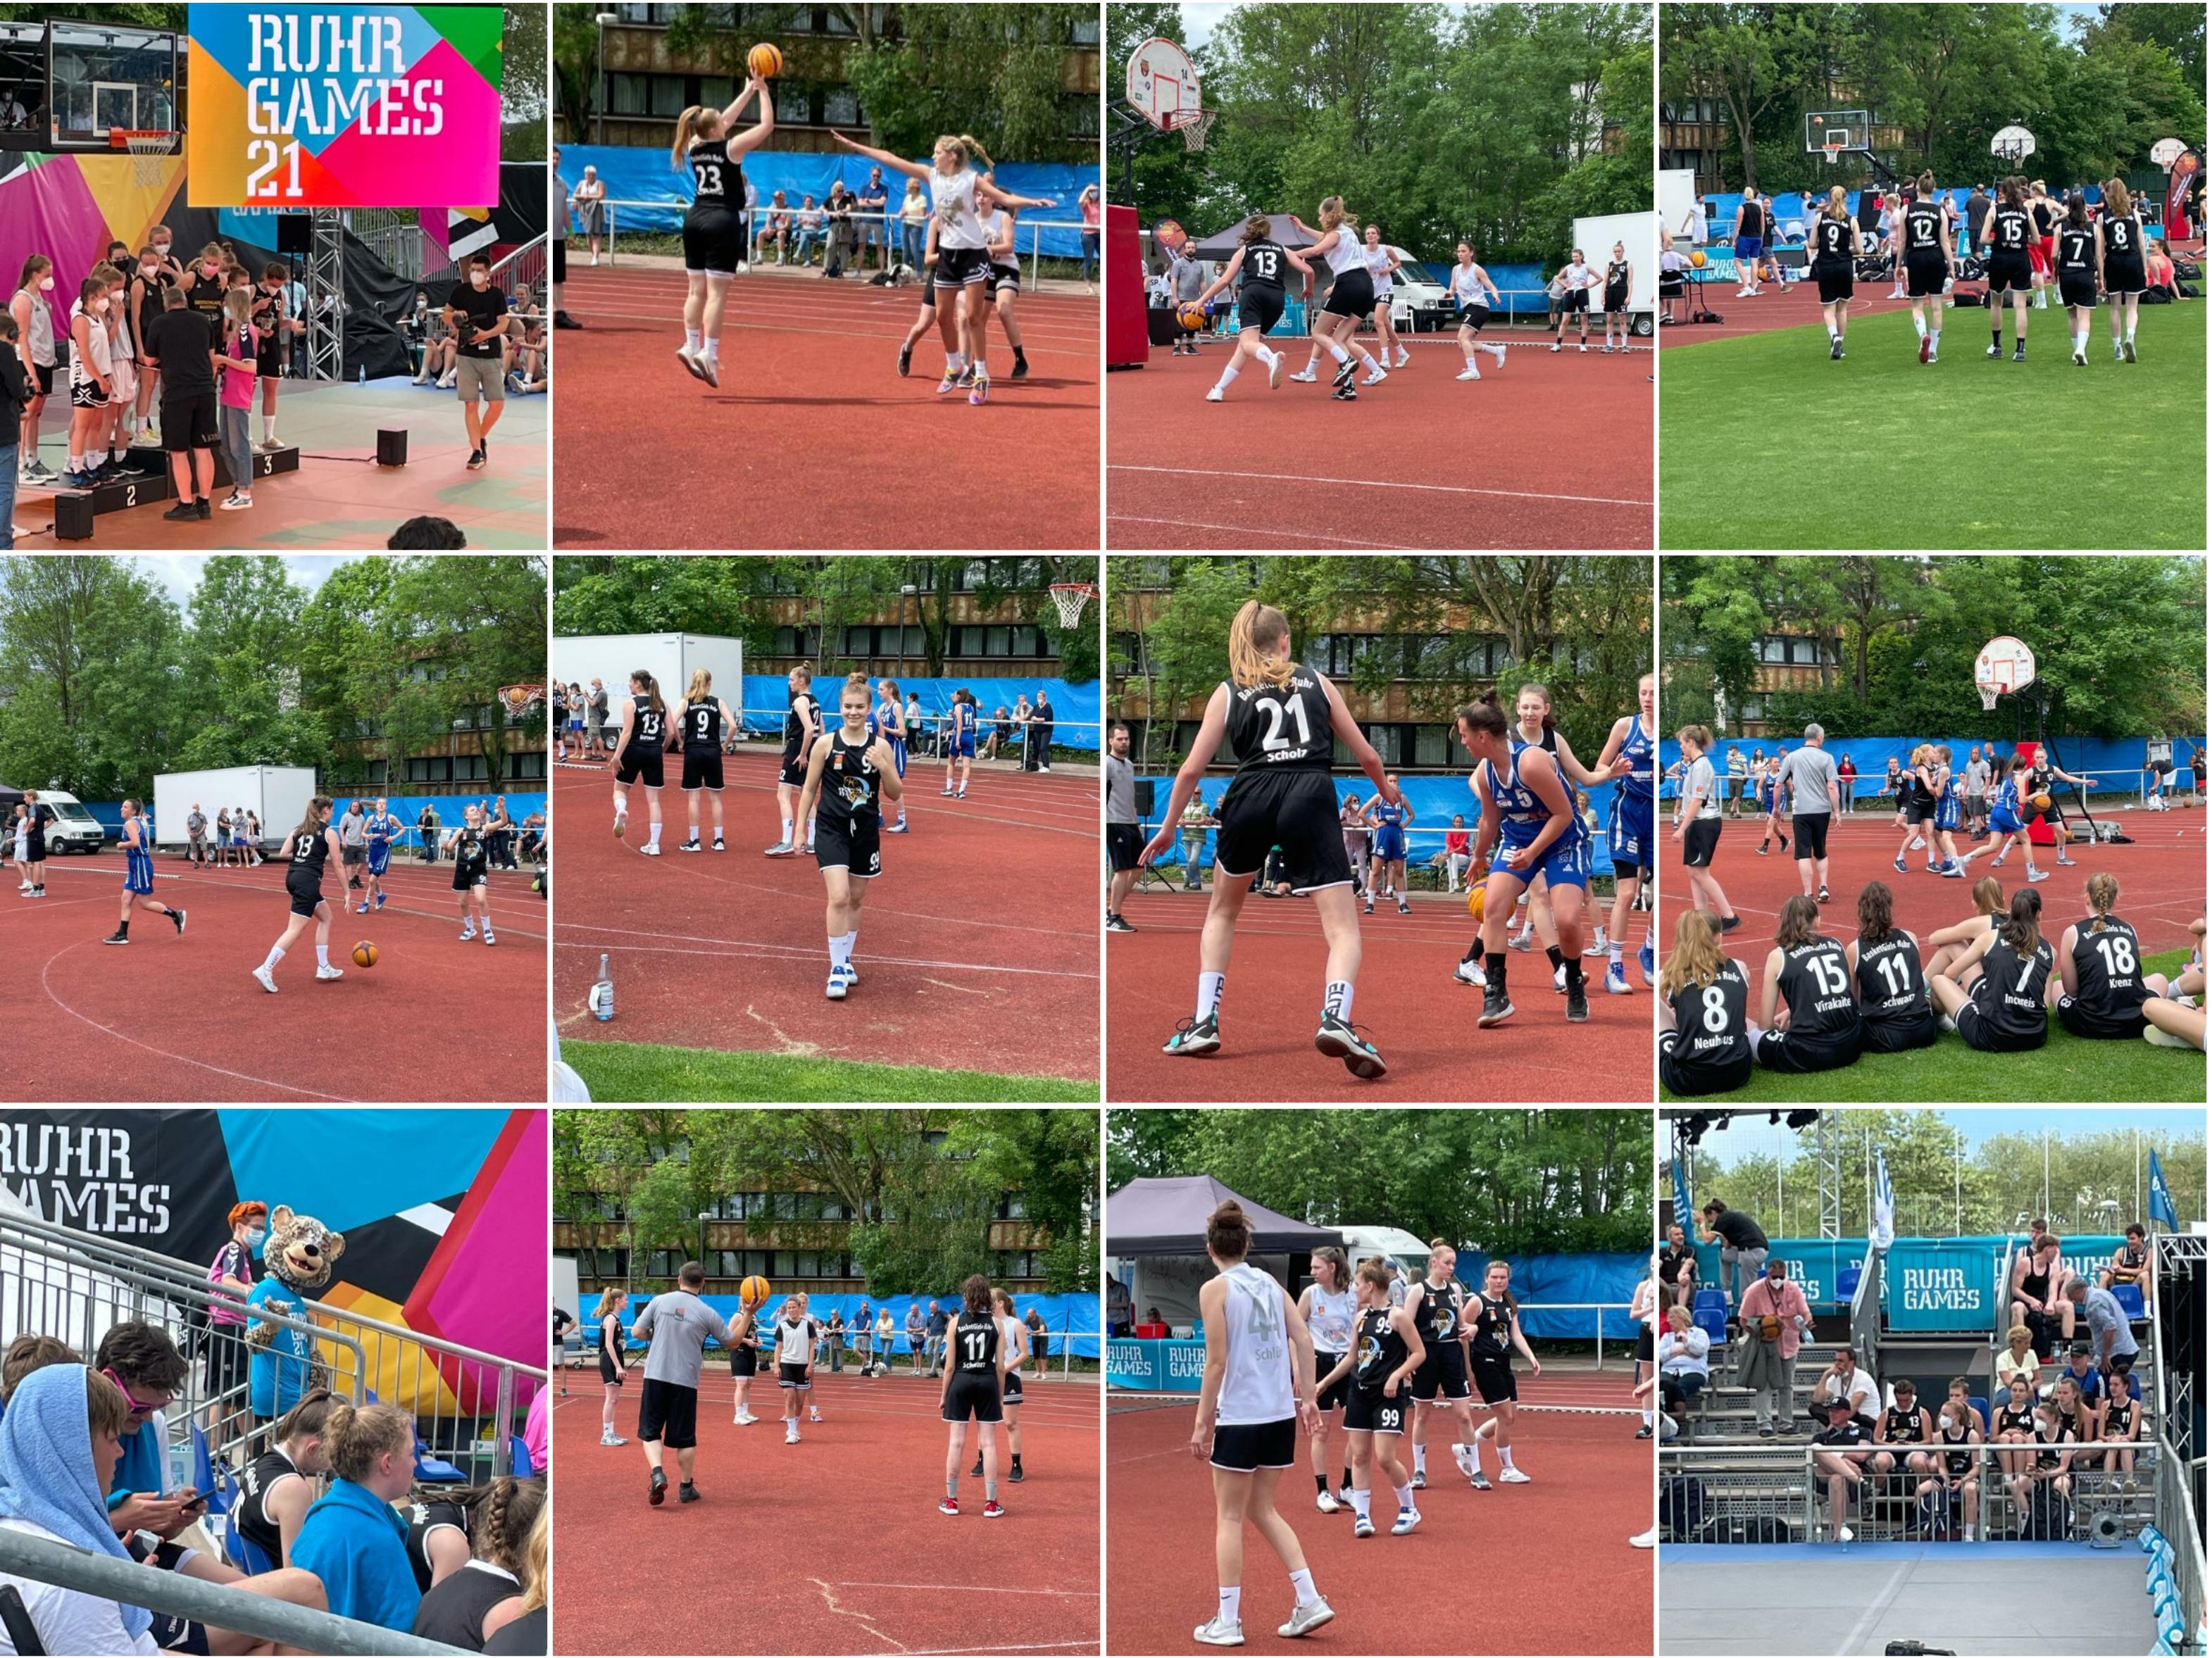 BasketGirls Ruhr - 3x3 bei den RuhrGames Part 1